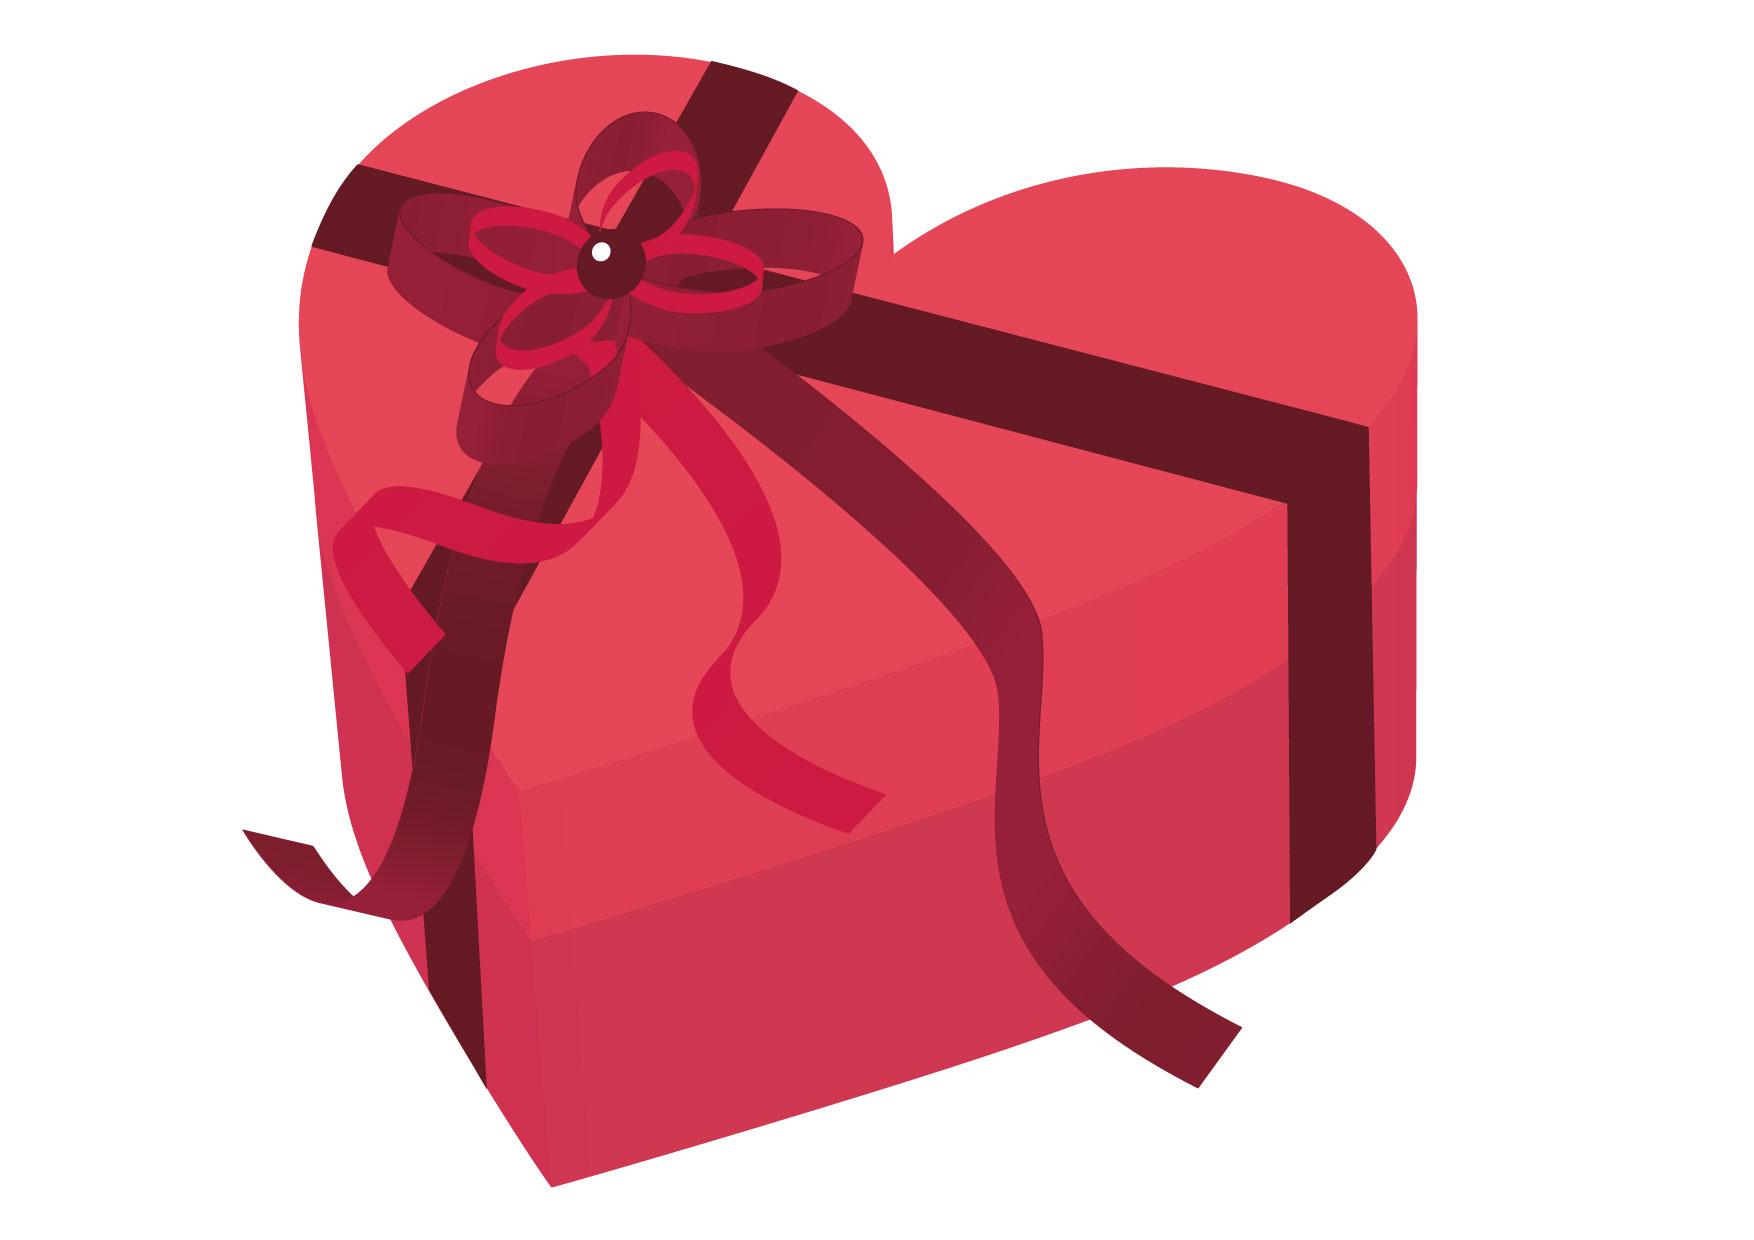 可愛いイラスト無料|バレンタイン ハート ピンク 箱 − free illustration Valentine Heart Pink Box